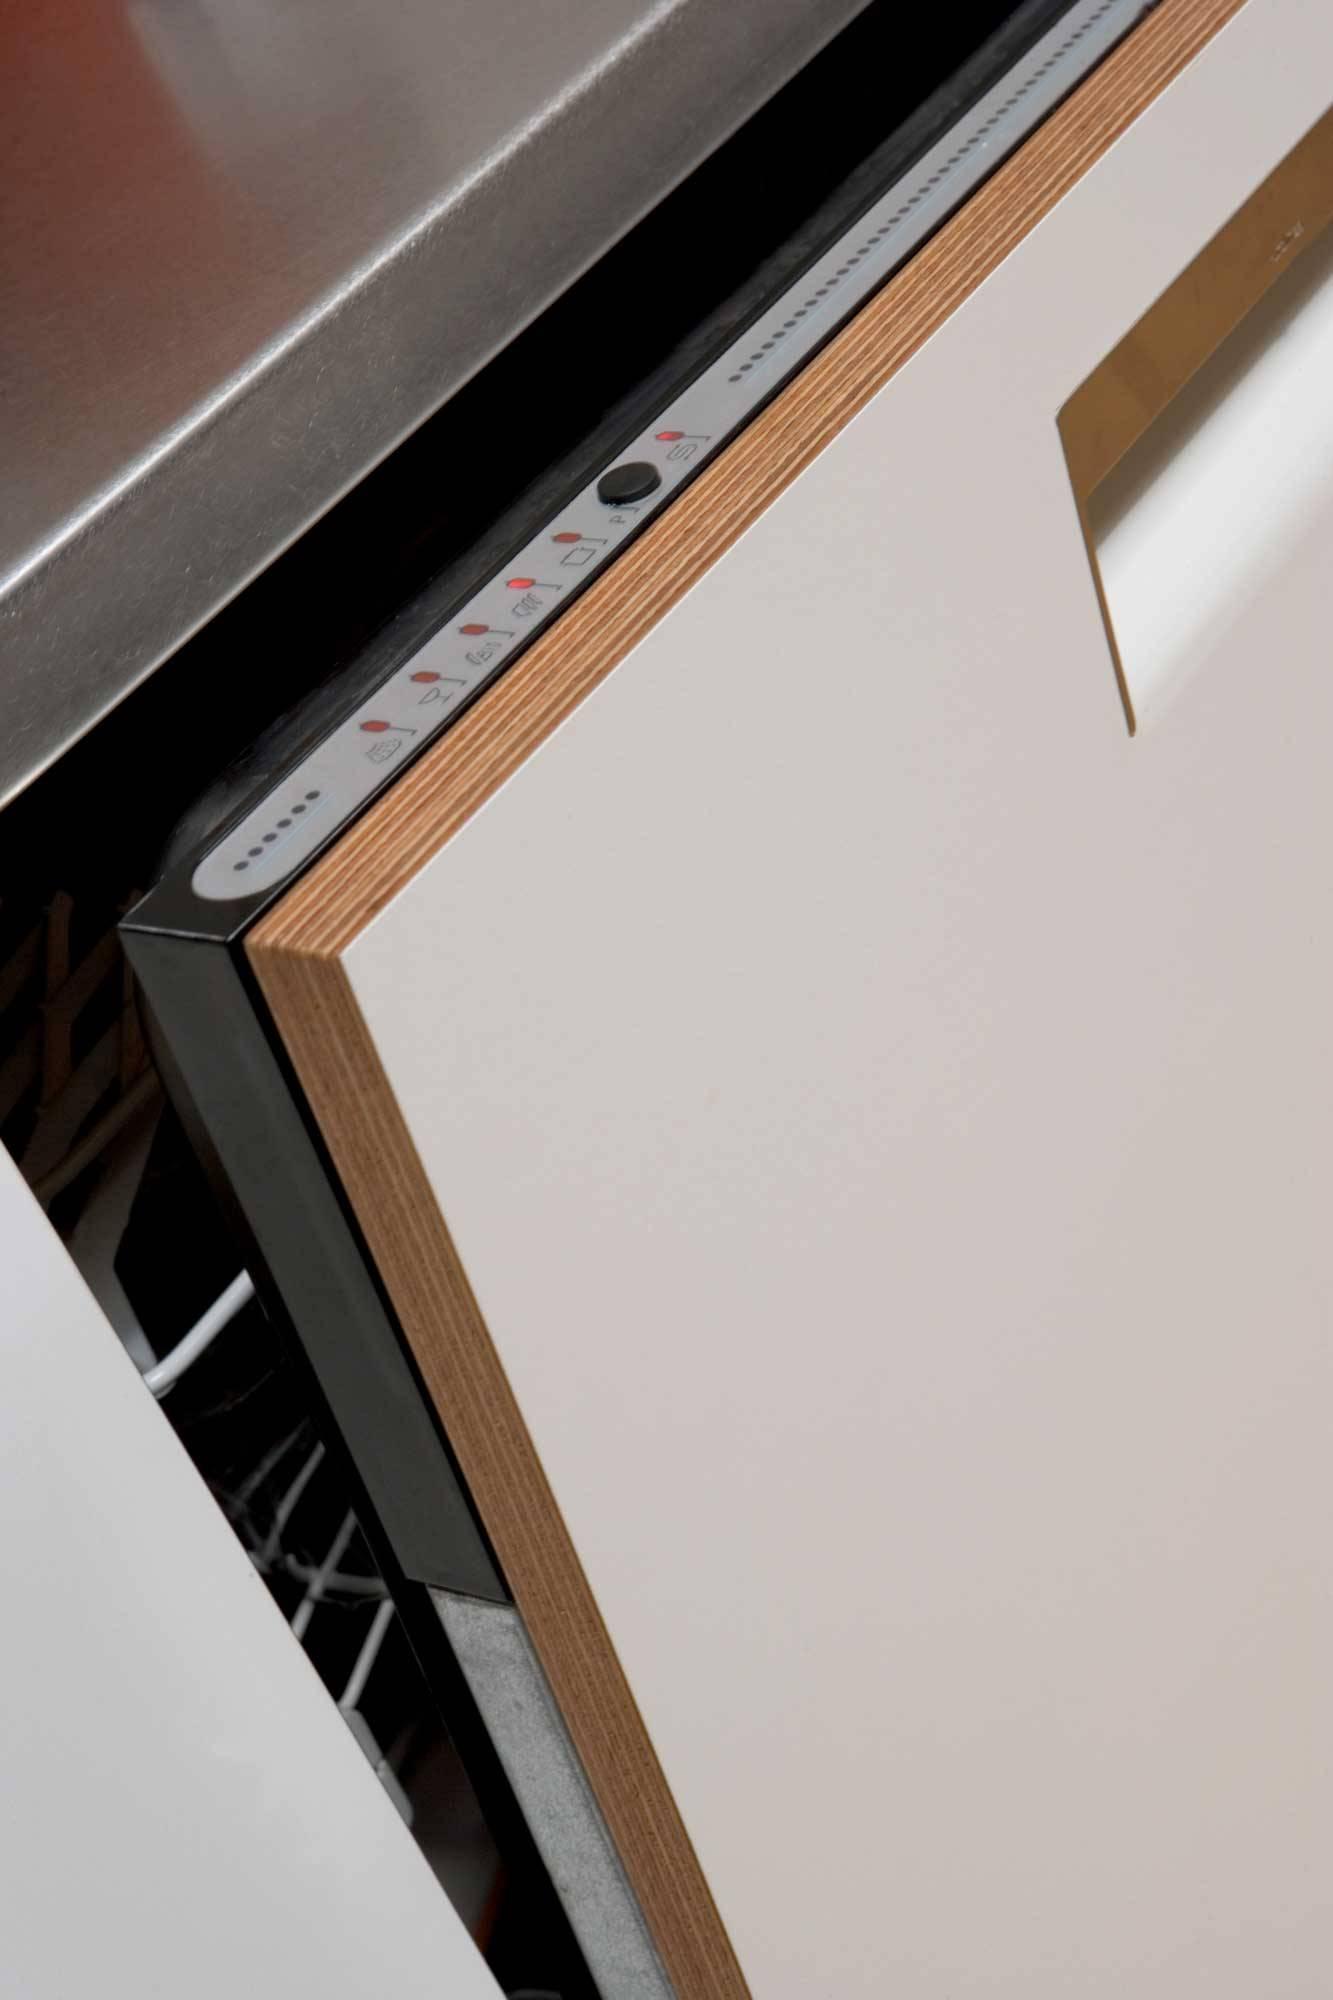 detalle-panel-de-control-lavavajillas-integrado-00227657 O. Cambia la duración del programa de lavado mientras está funcionando